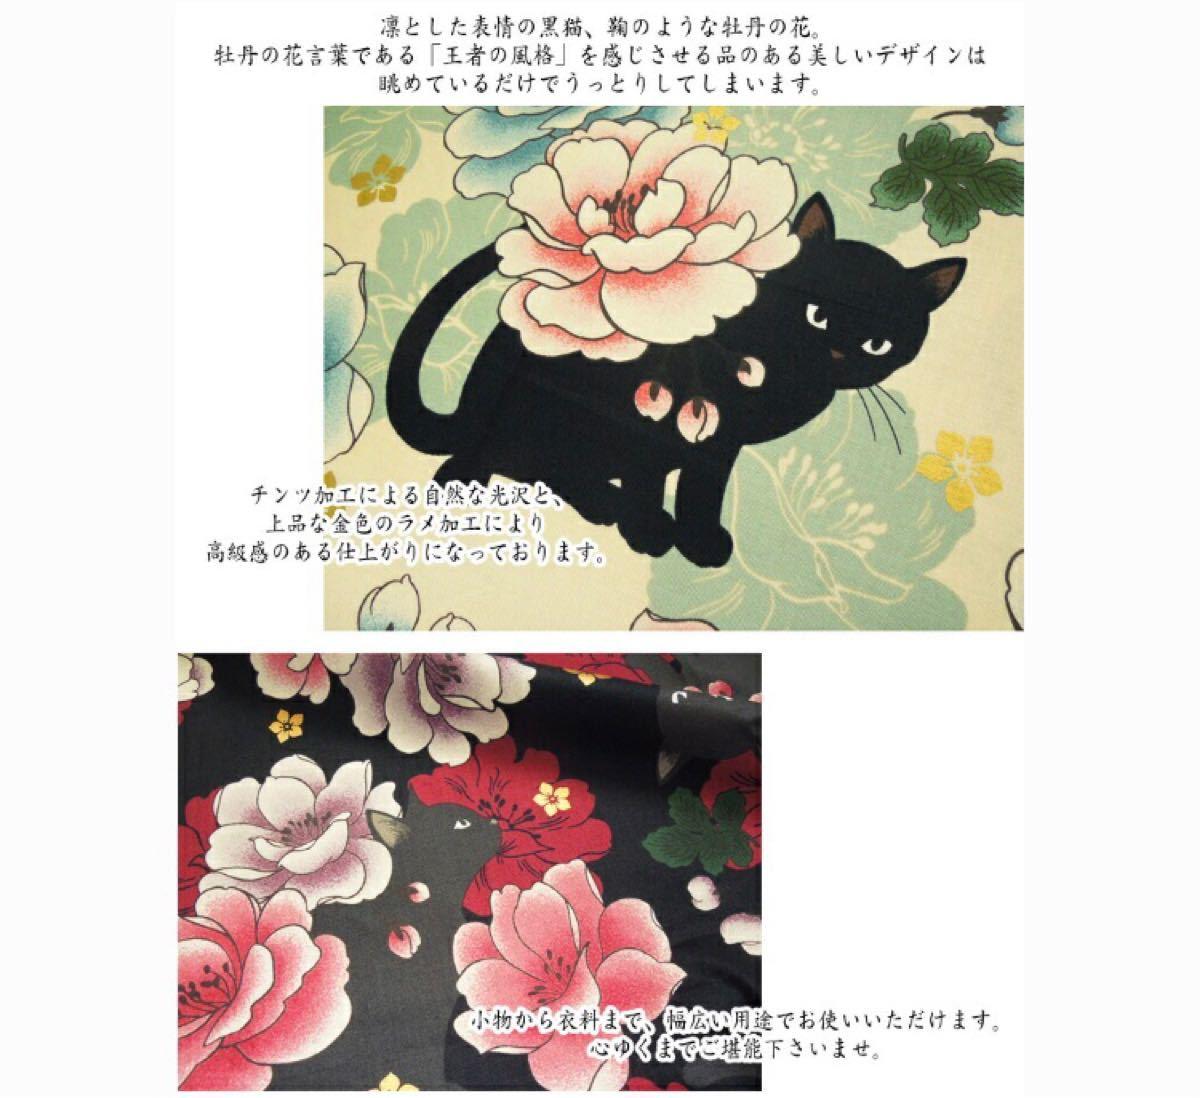 和柄シーチングプリント生地【百華繚蘭】黒ネコと牡丹プリント≪QUILT GATE キルトゲート≫黒猫ちゃんと大きめの花柄